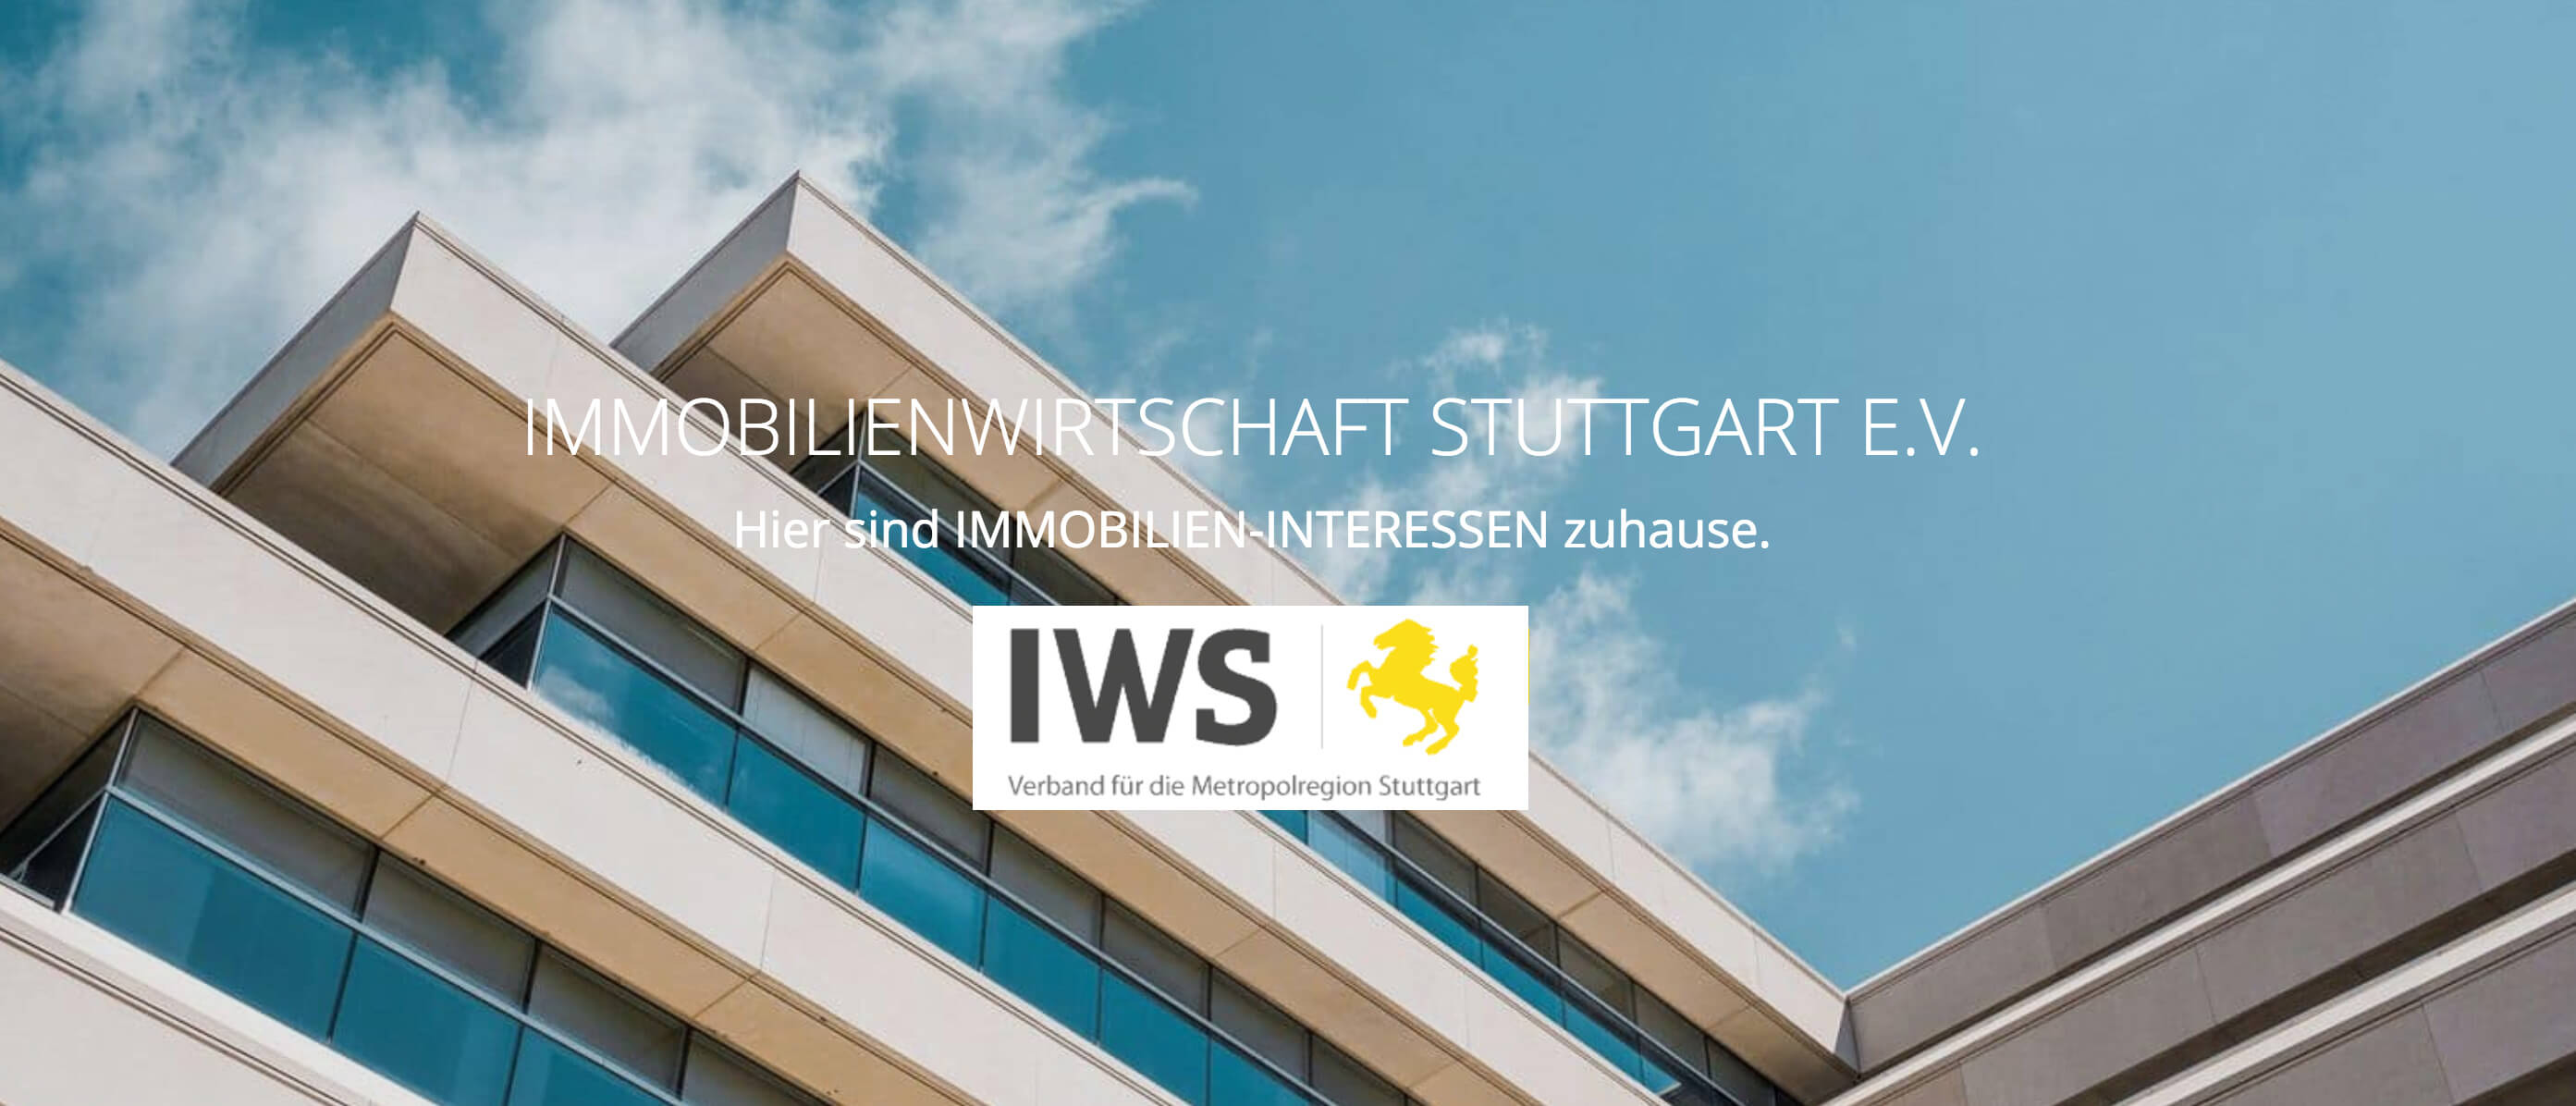 Lillich Immobilien ist jetzt Mitglied im IWS